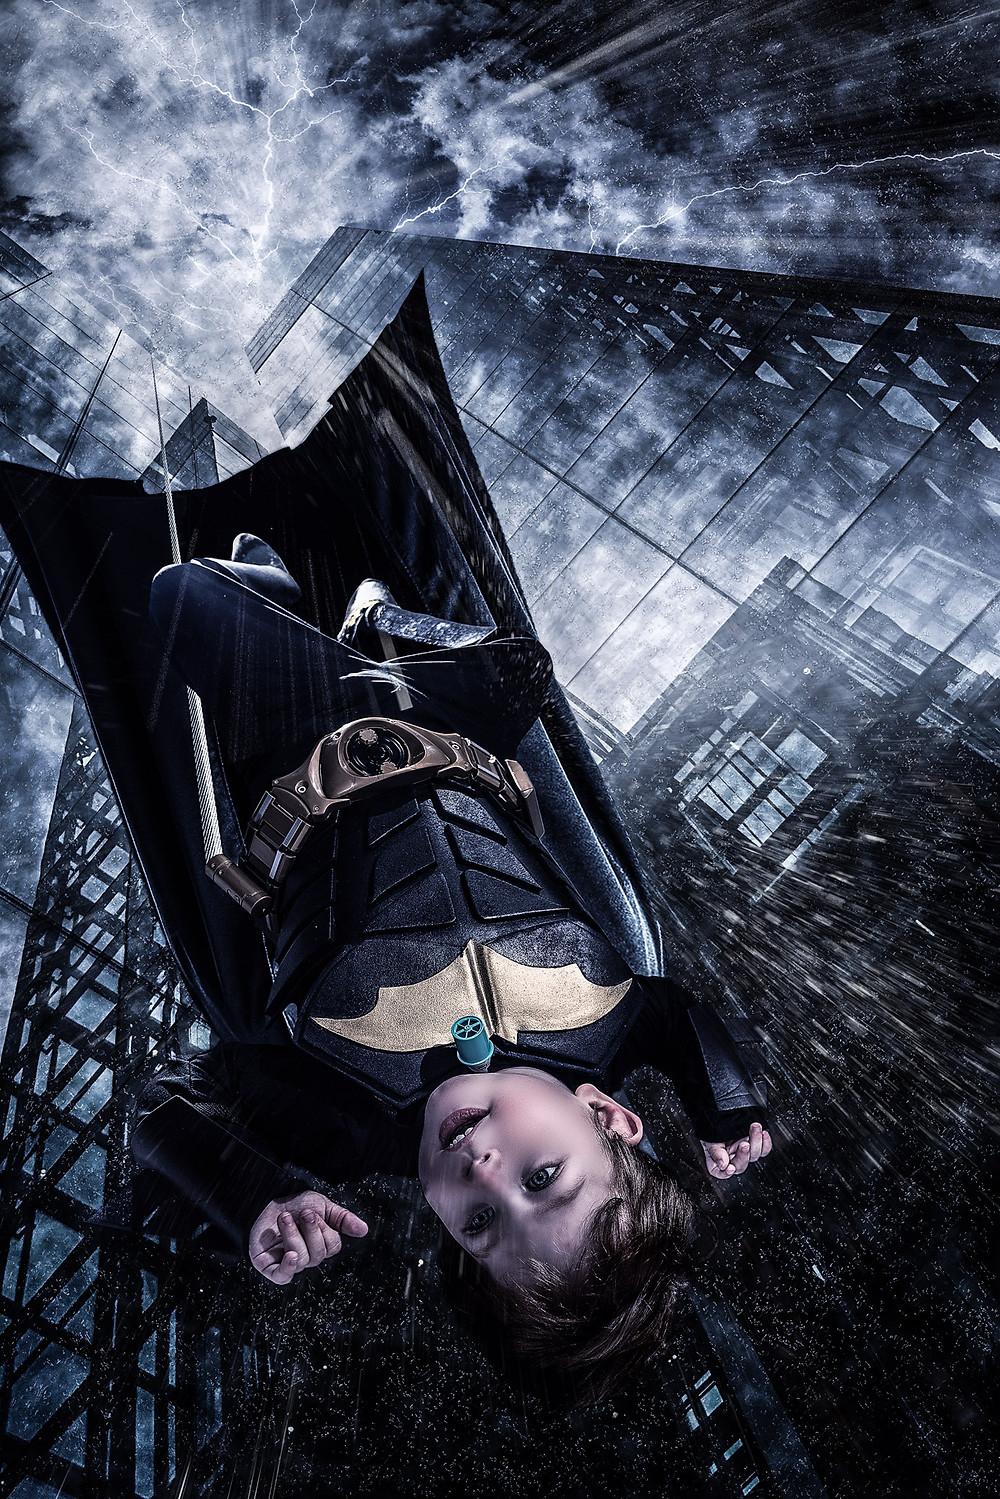 Young Batman